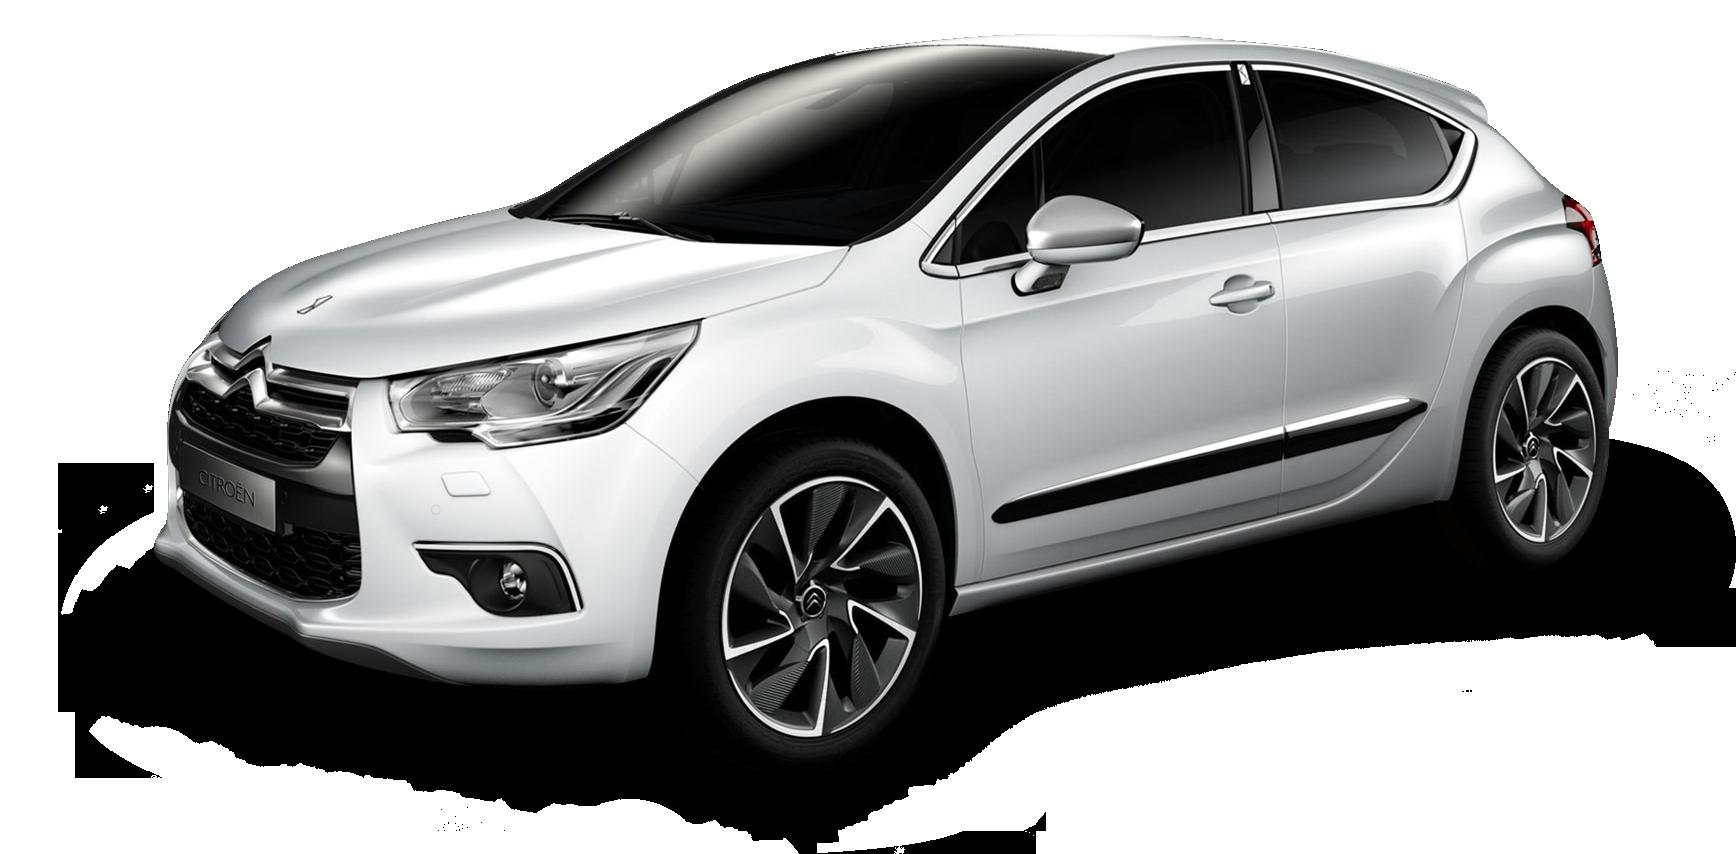 White Citroen DS4 Car PNG Image